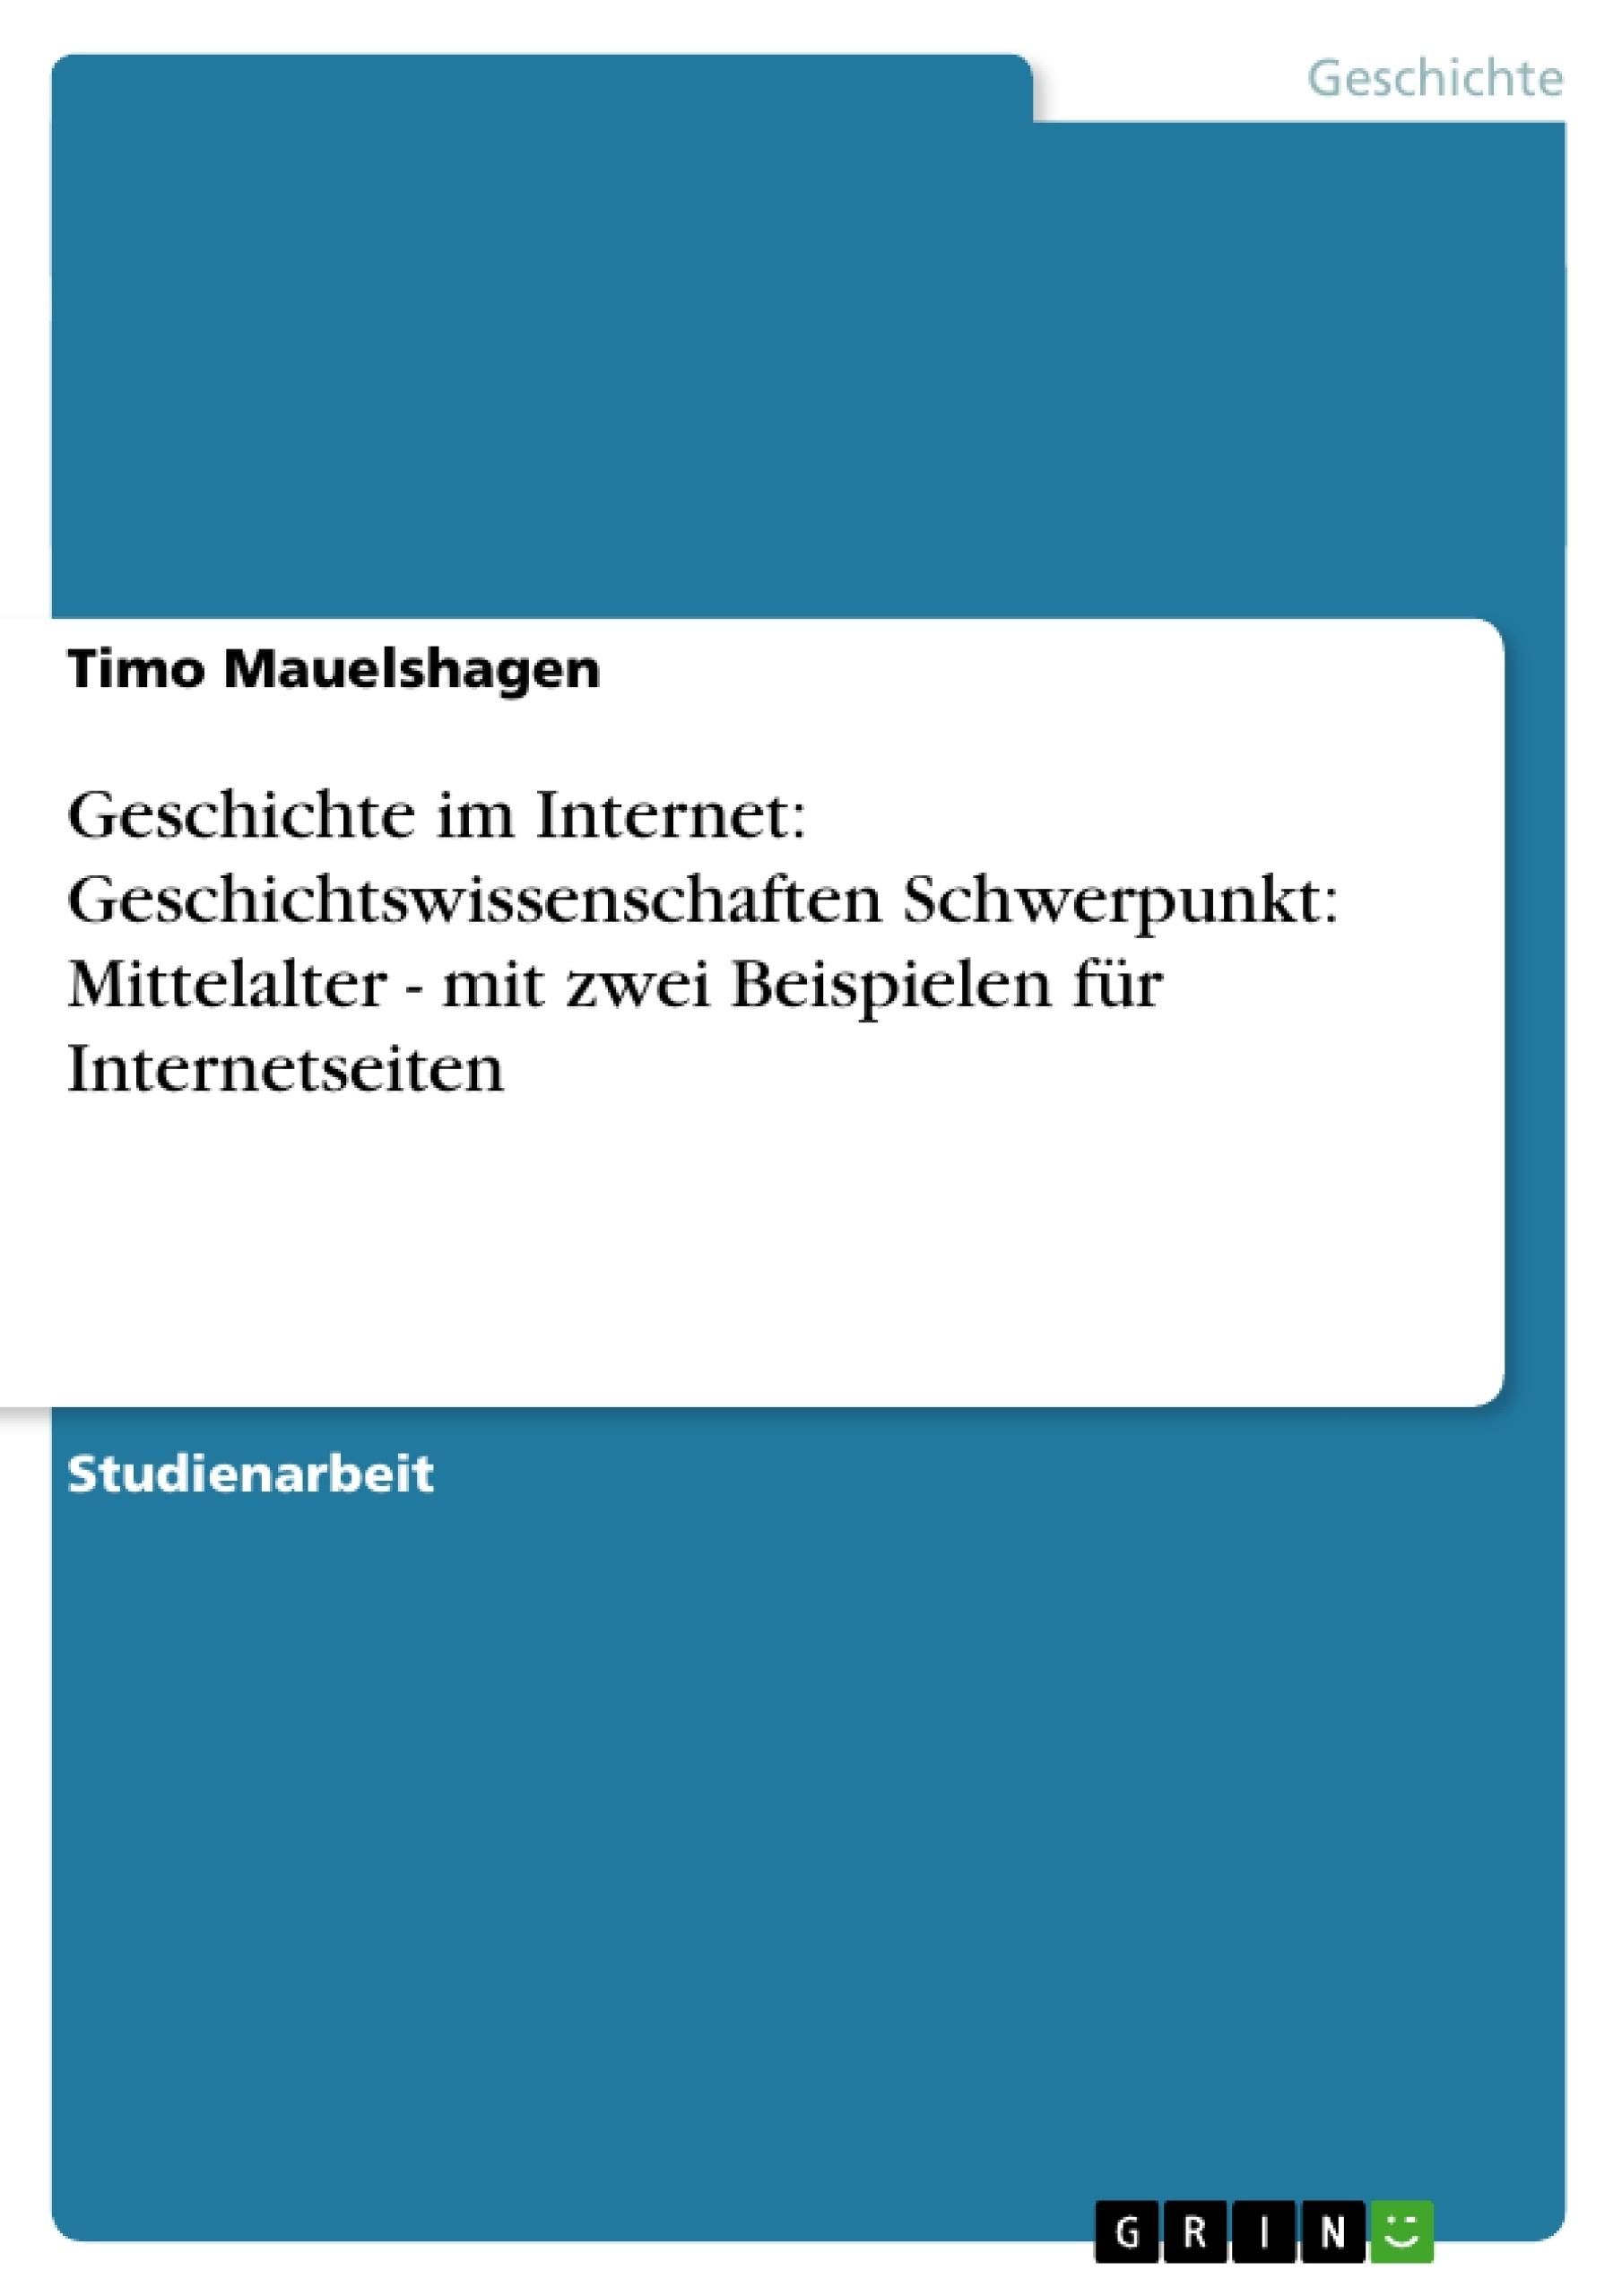 Titel: Geschichte im Internet: Geschichtswissenschaften Schwerpunkt: Mittelalter - mit zwei Beispielen für Internetseiten